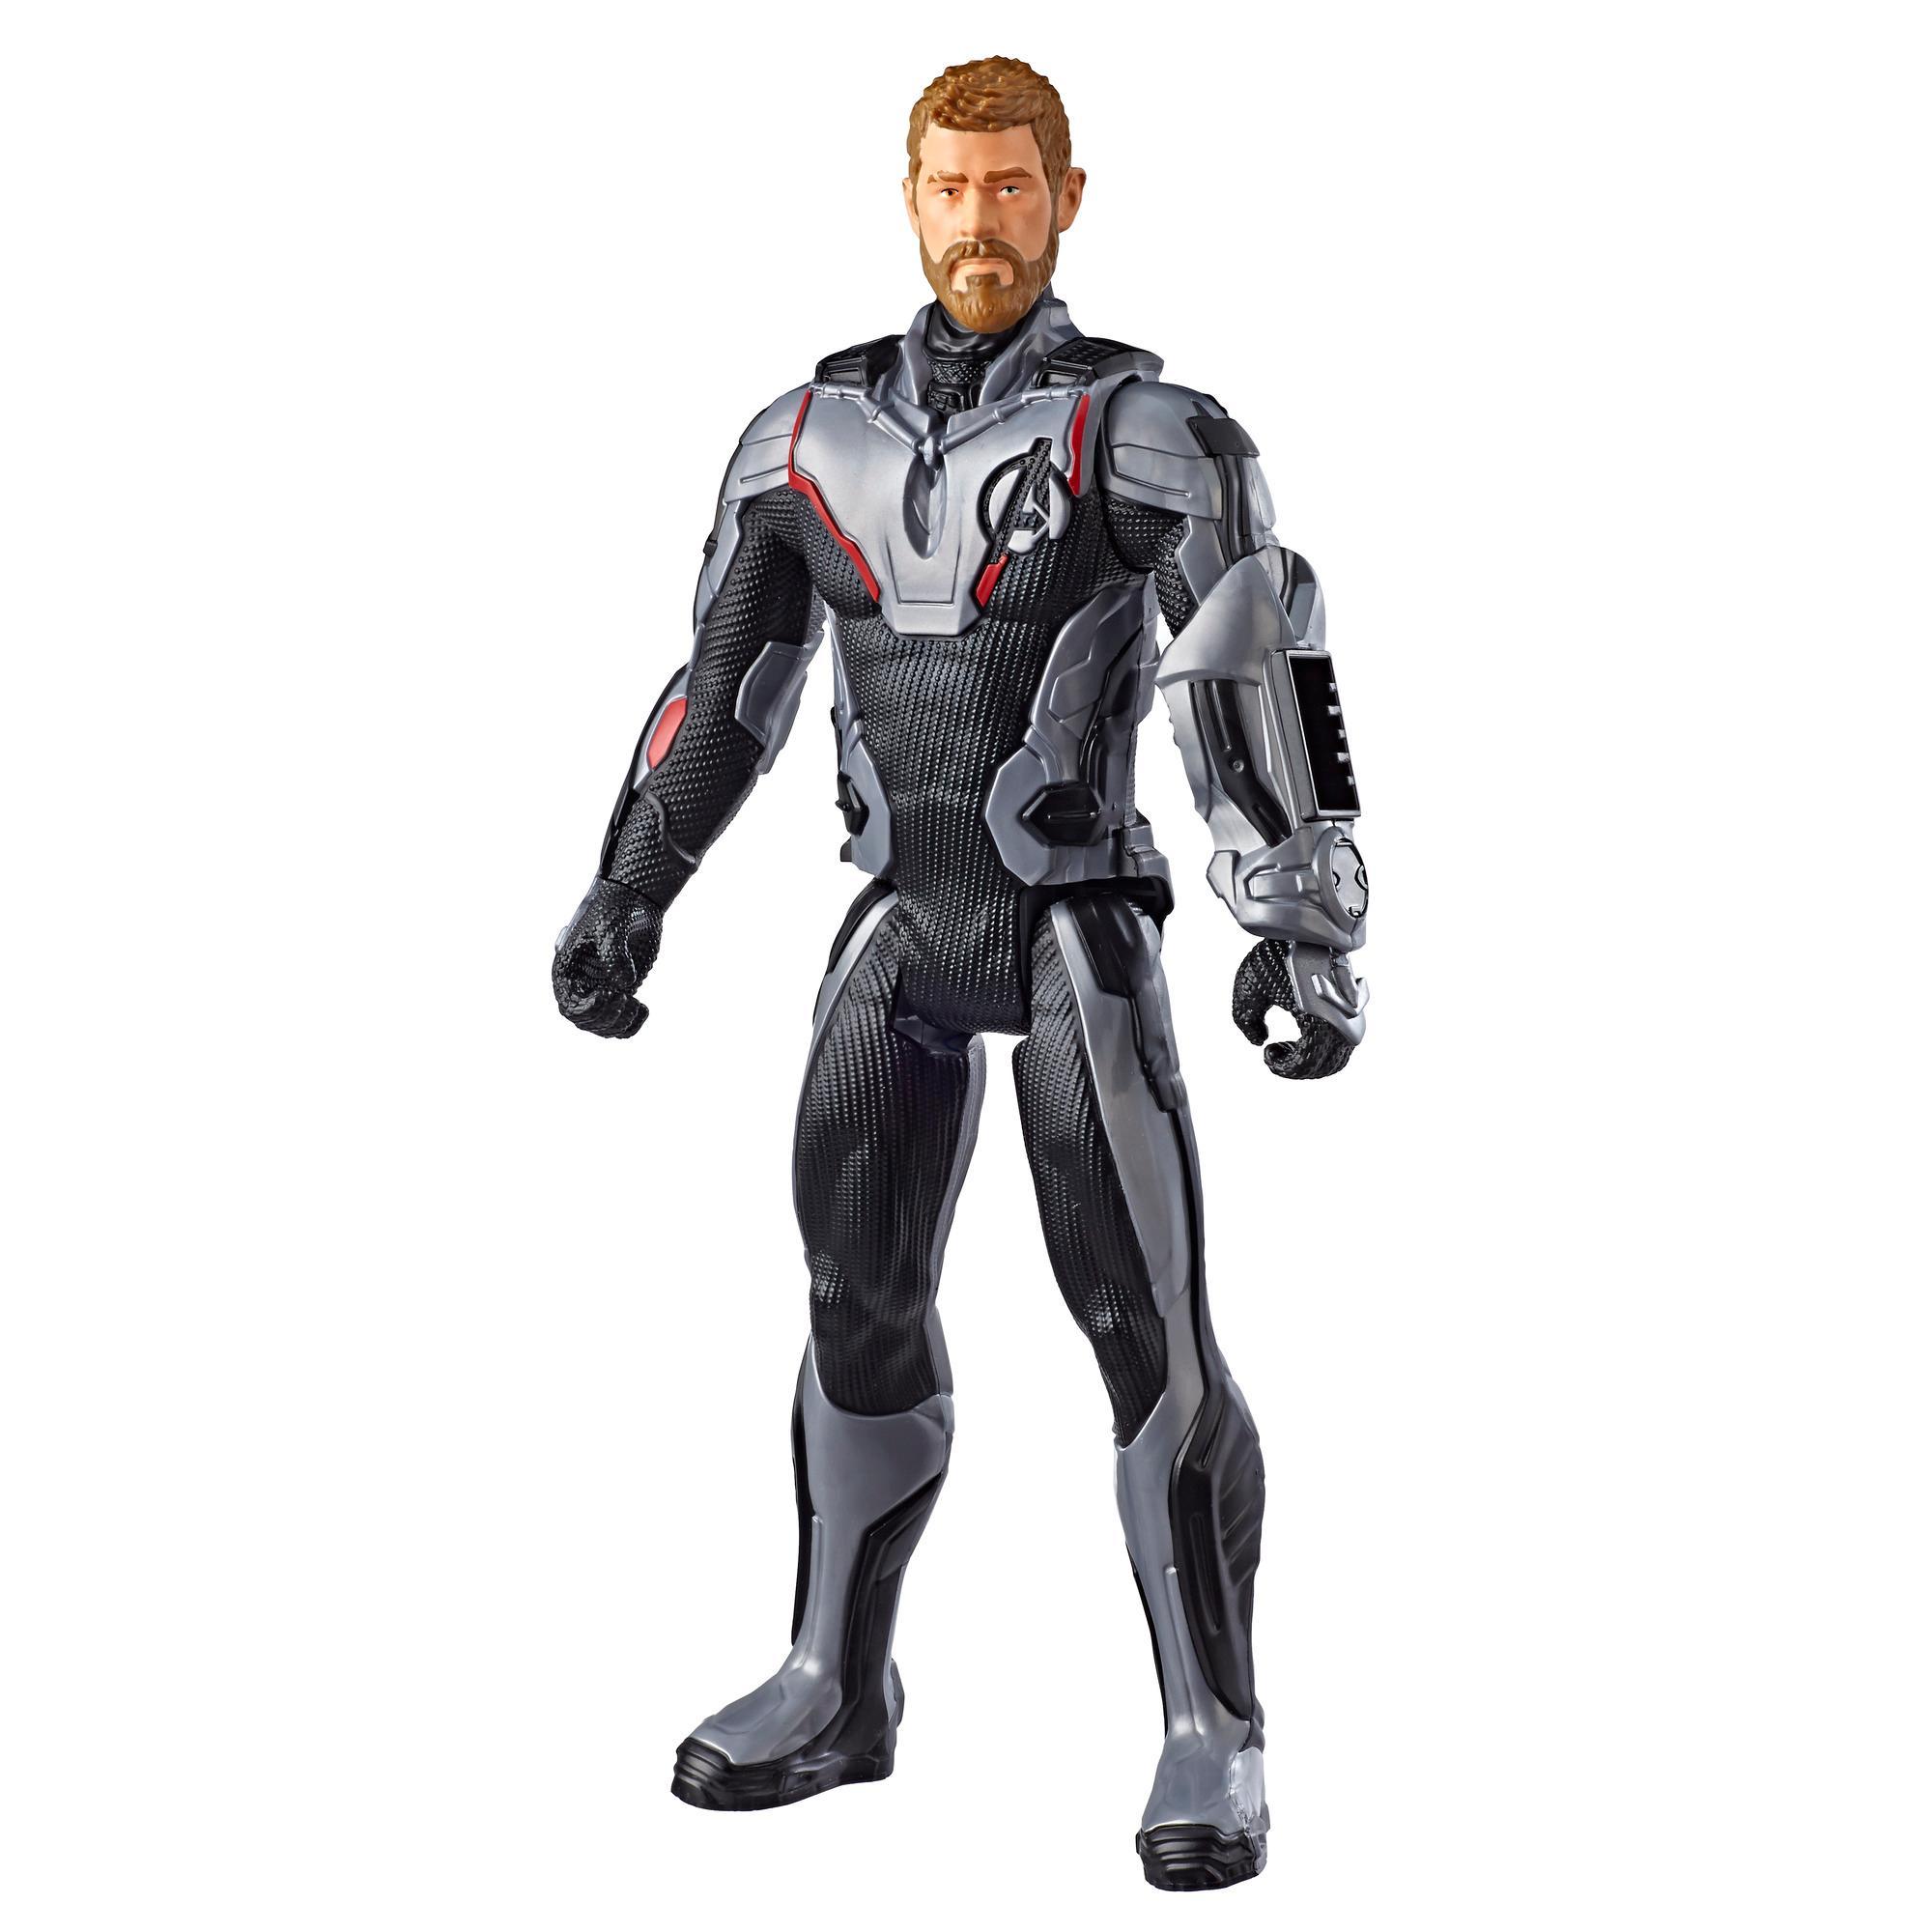 Marvel Avengers: Endgame Titan Hero Series Thor 12-Inch Action Figure